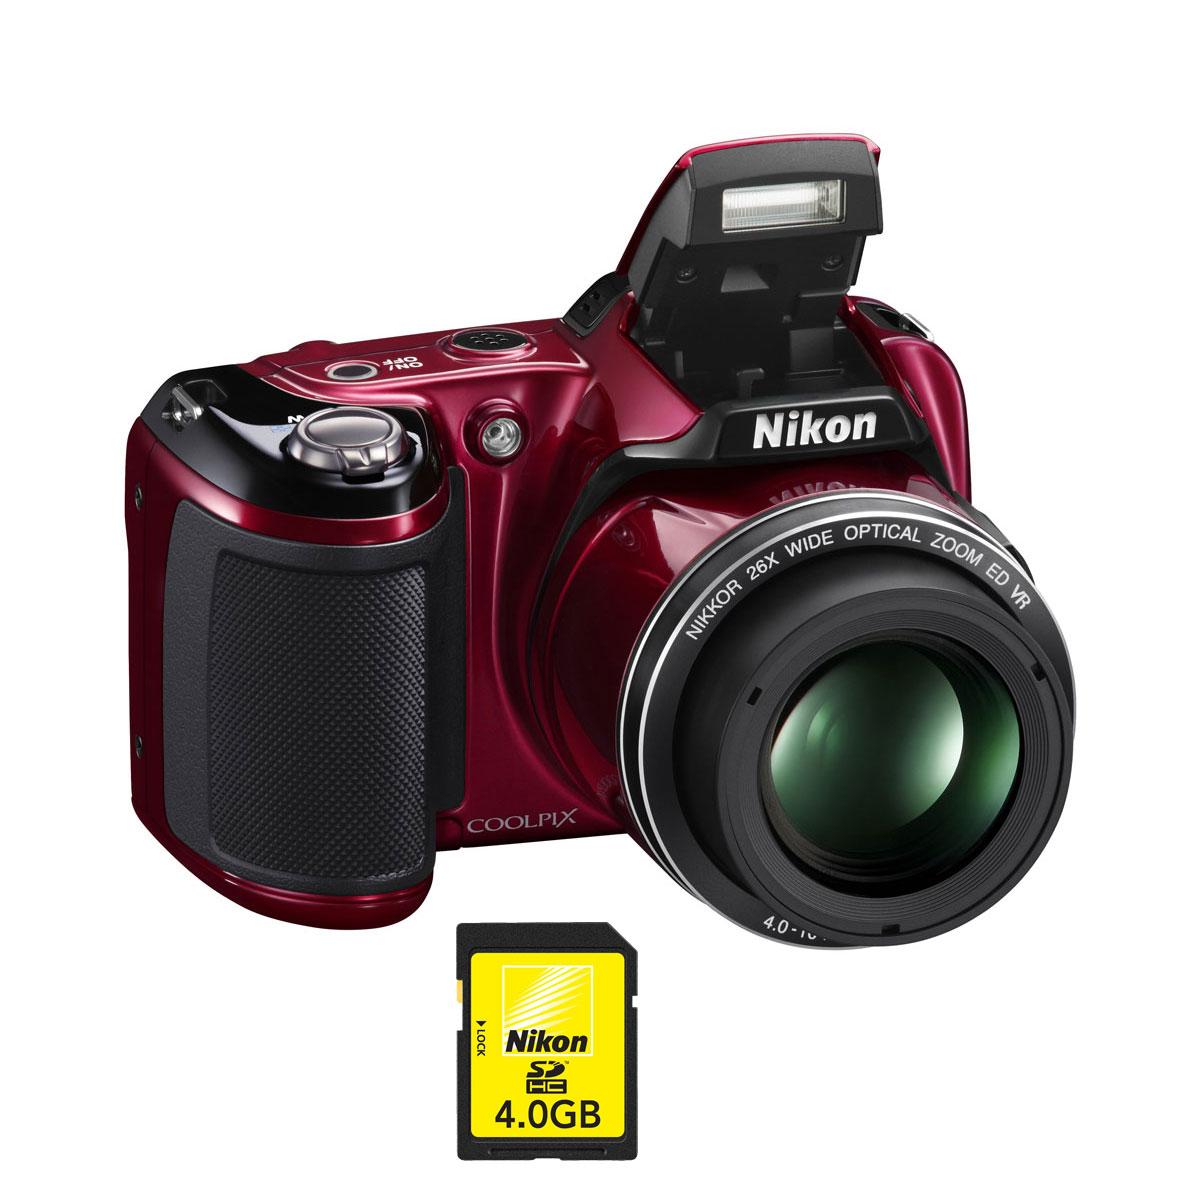 nikon coolpix l810 rouge nikon sdhc 4 go appareil photo num rique nikon sur. Black Bedroom Furniture Sets. Home Design Ideas